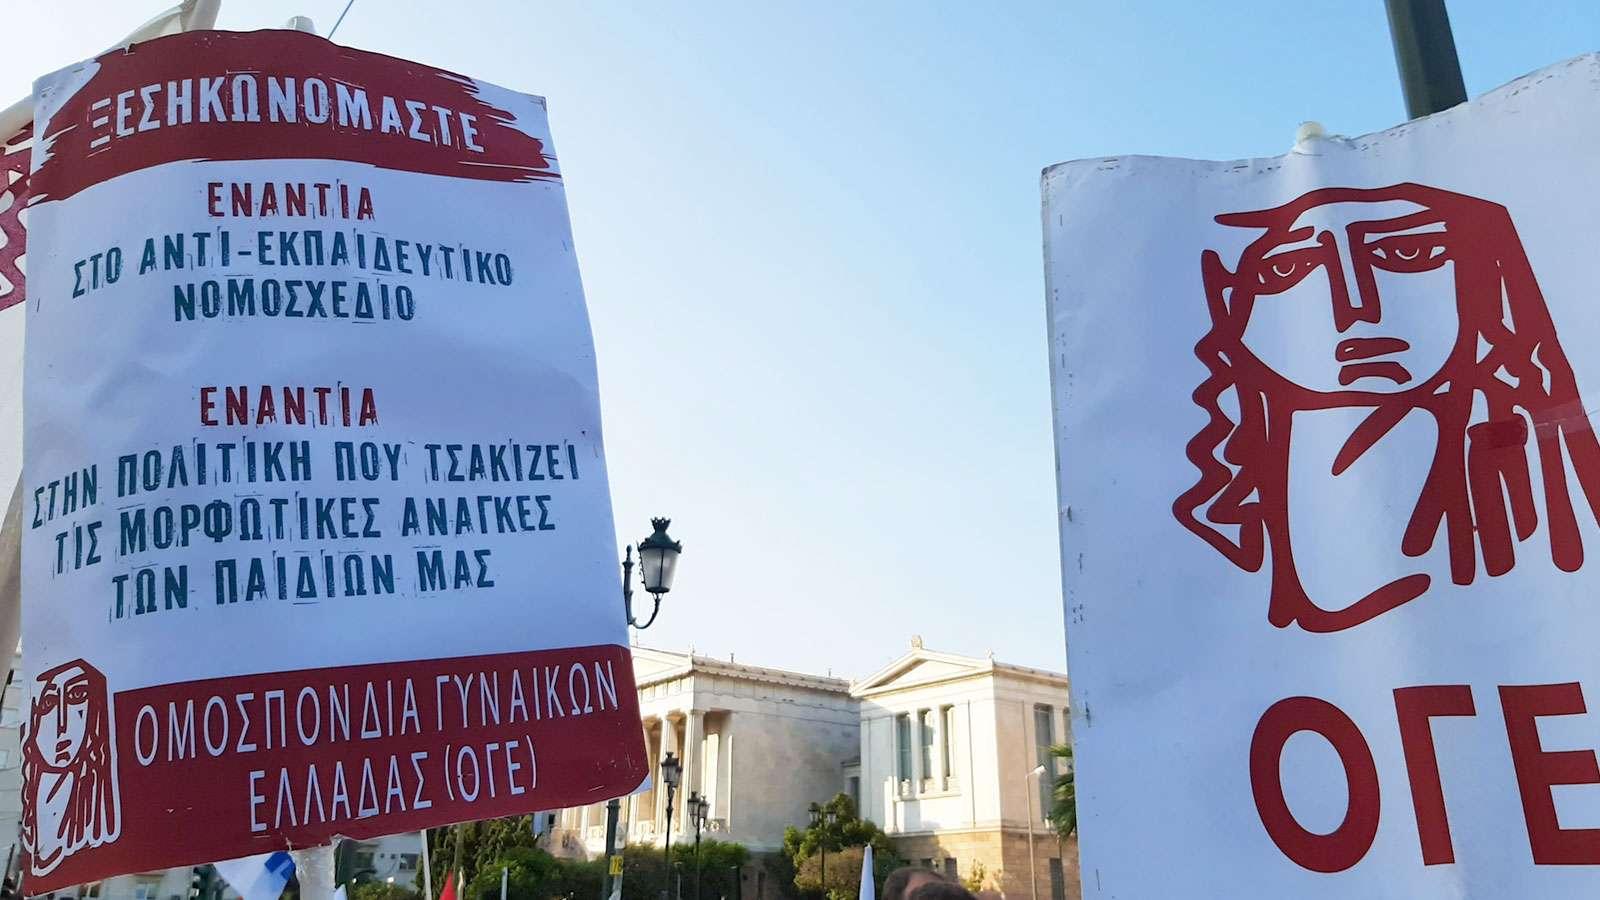 Πανεκπαιδευτικό Συλλαλητήριο Προπύλαια - ΟΓΕ